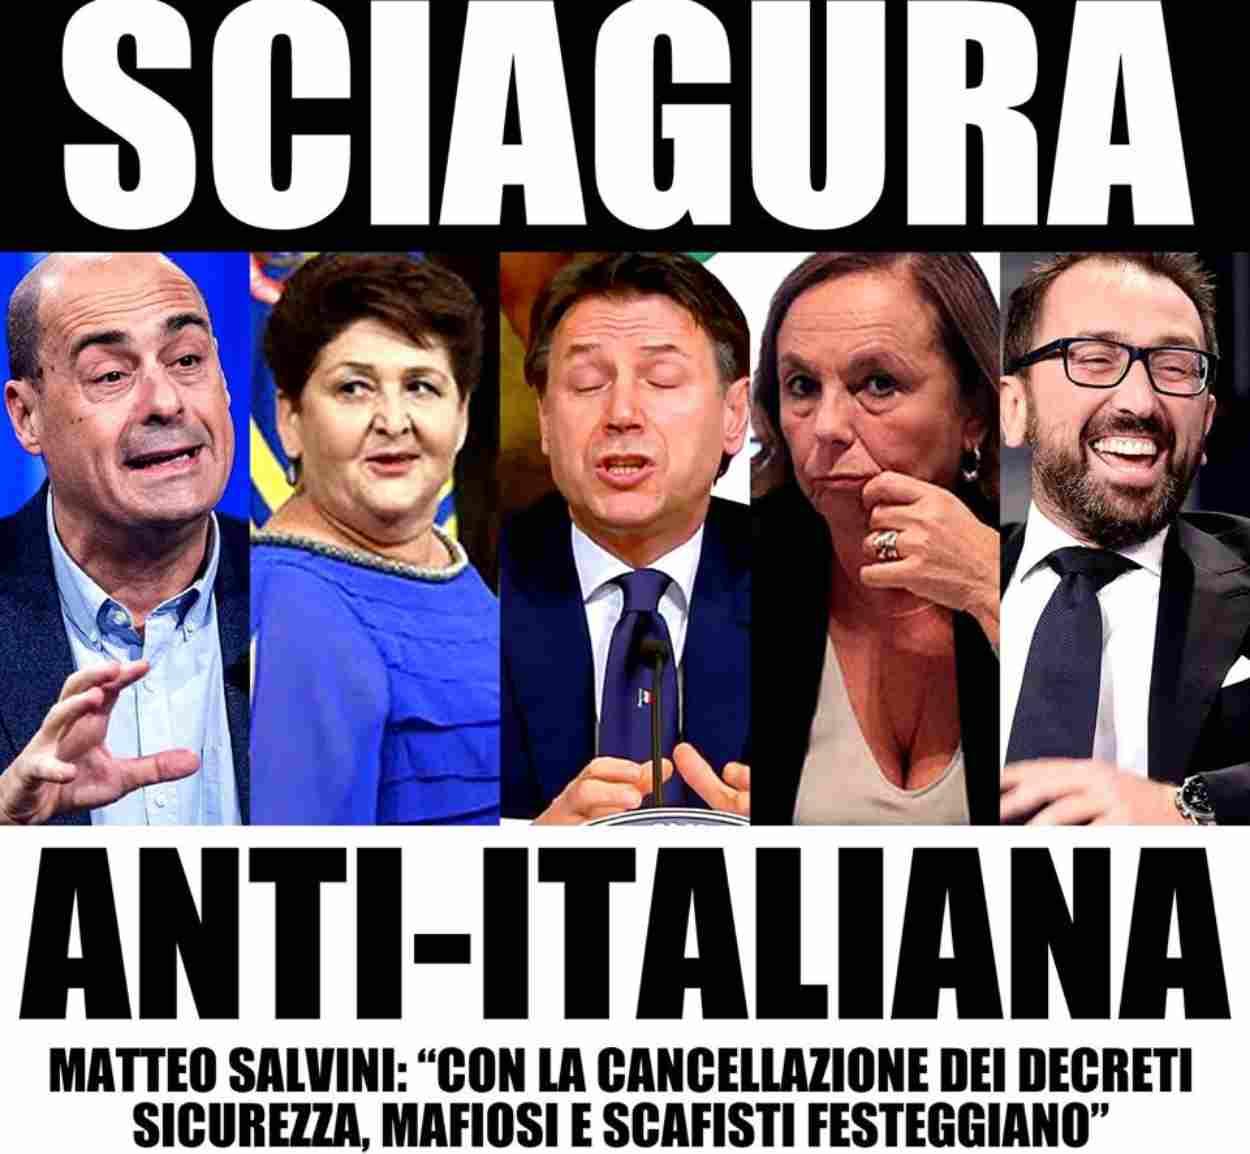 Matteo Salvini, decreti sicurezza? Mafiosi e scafisti festeggiano